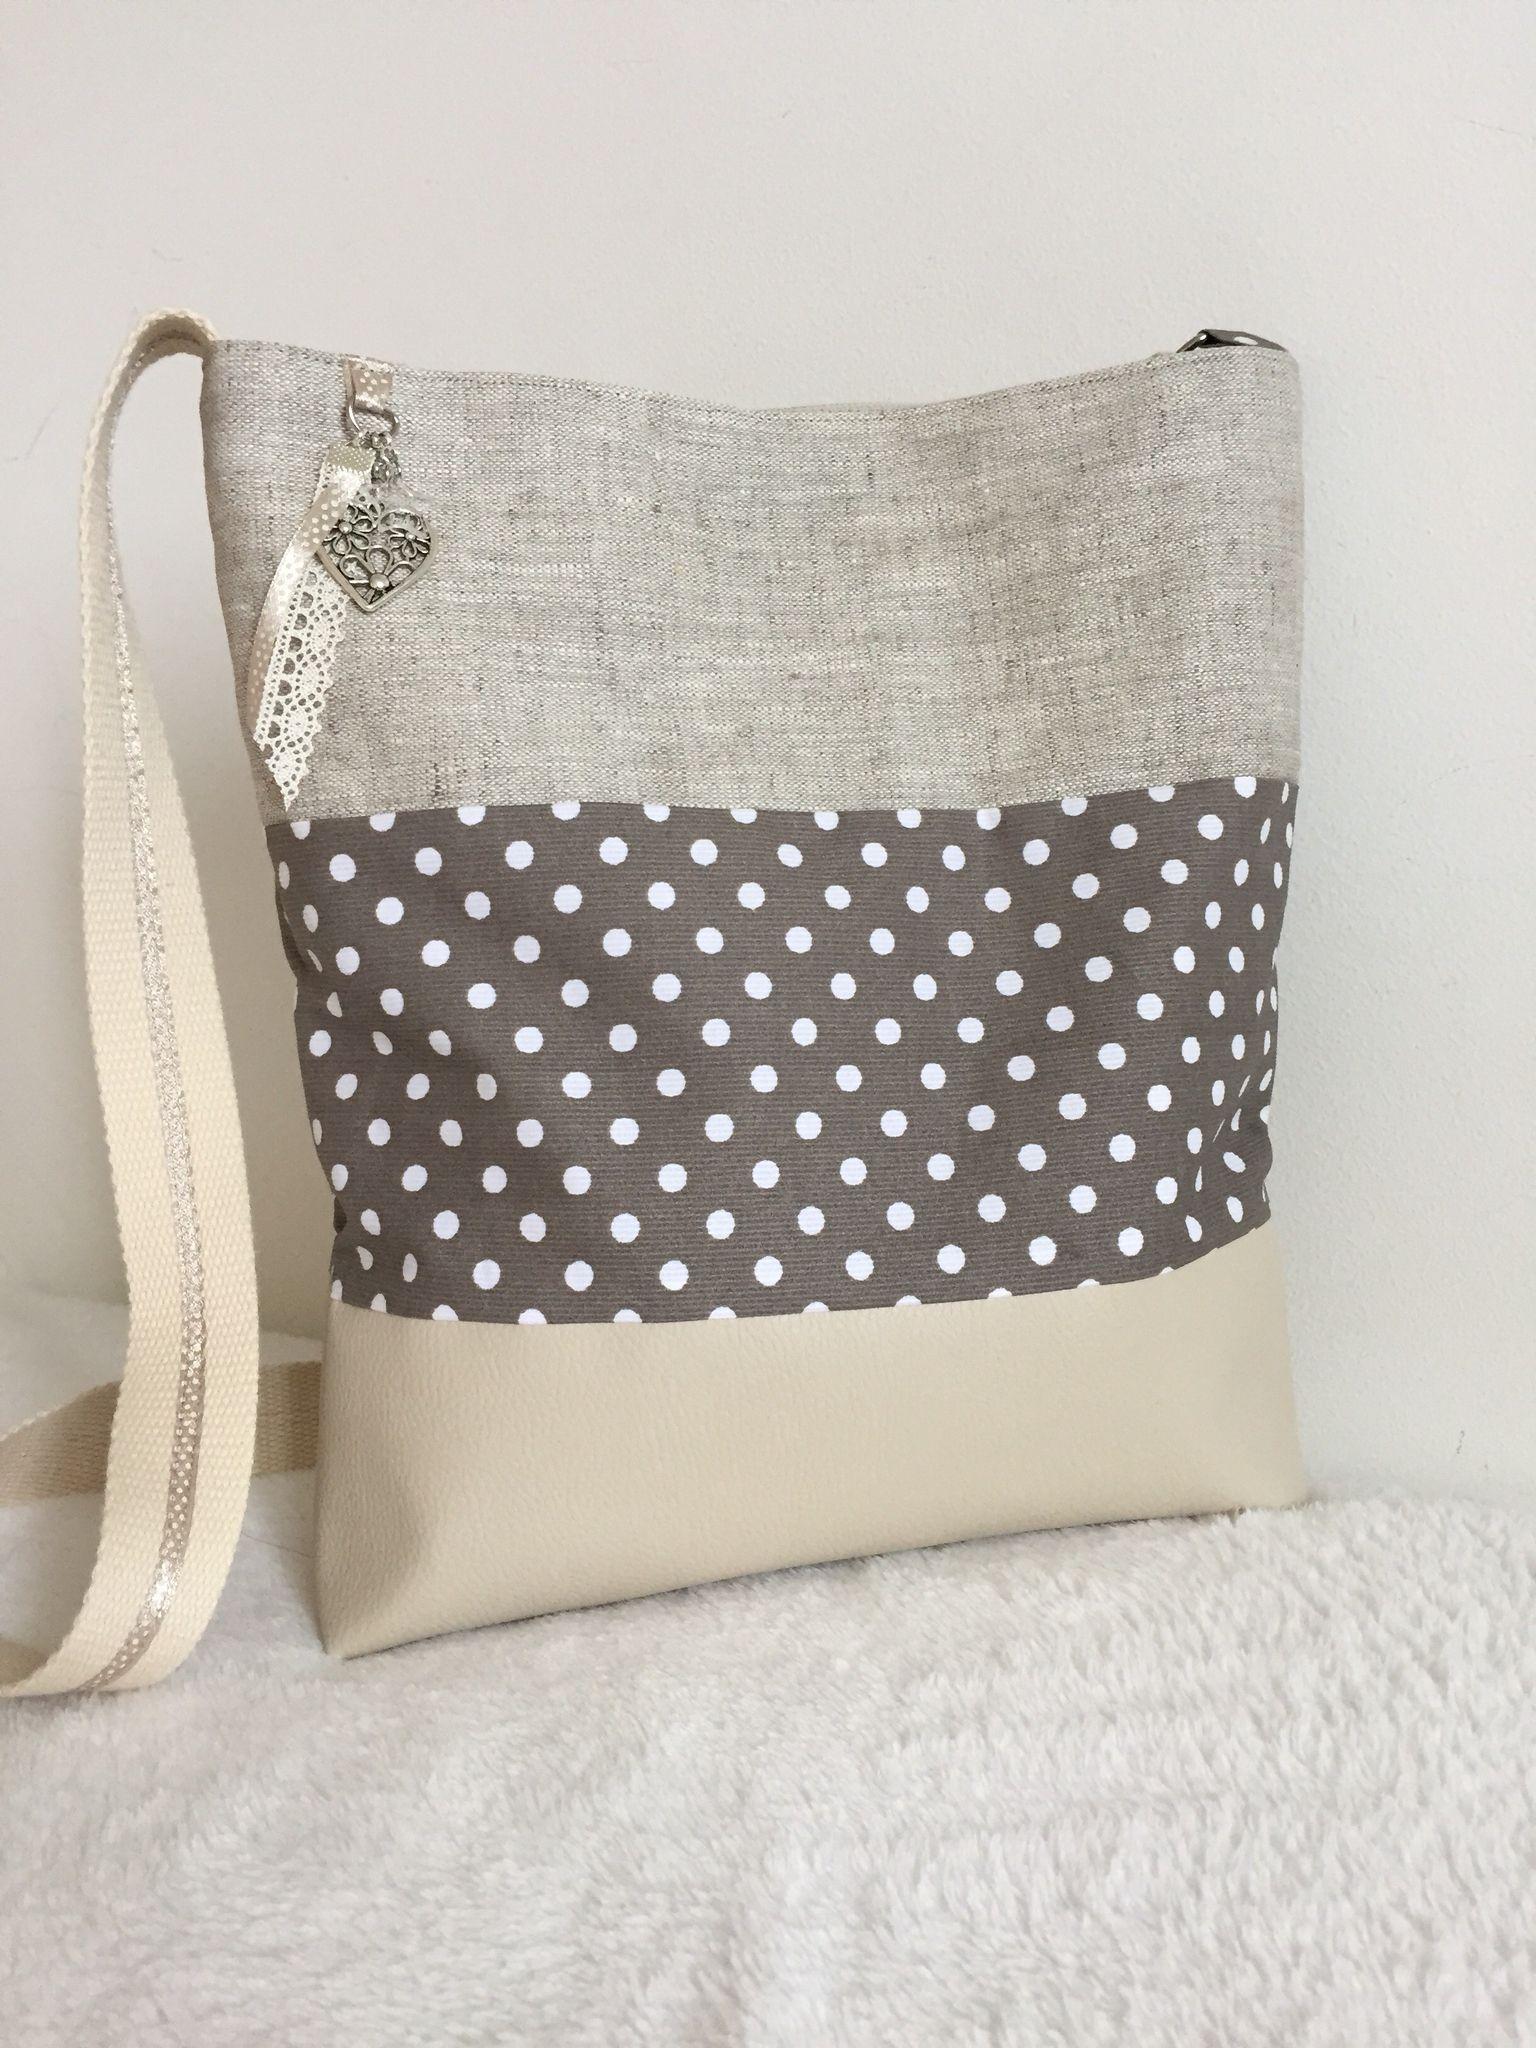 sac bandouli re en simili cuir beige et tissu enduit. Black Bedroom Furniture Sets. Home Design Ideas